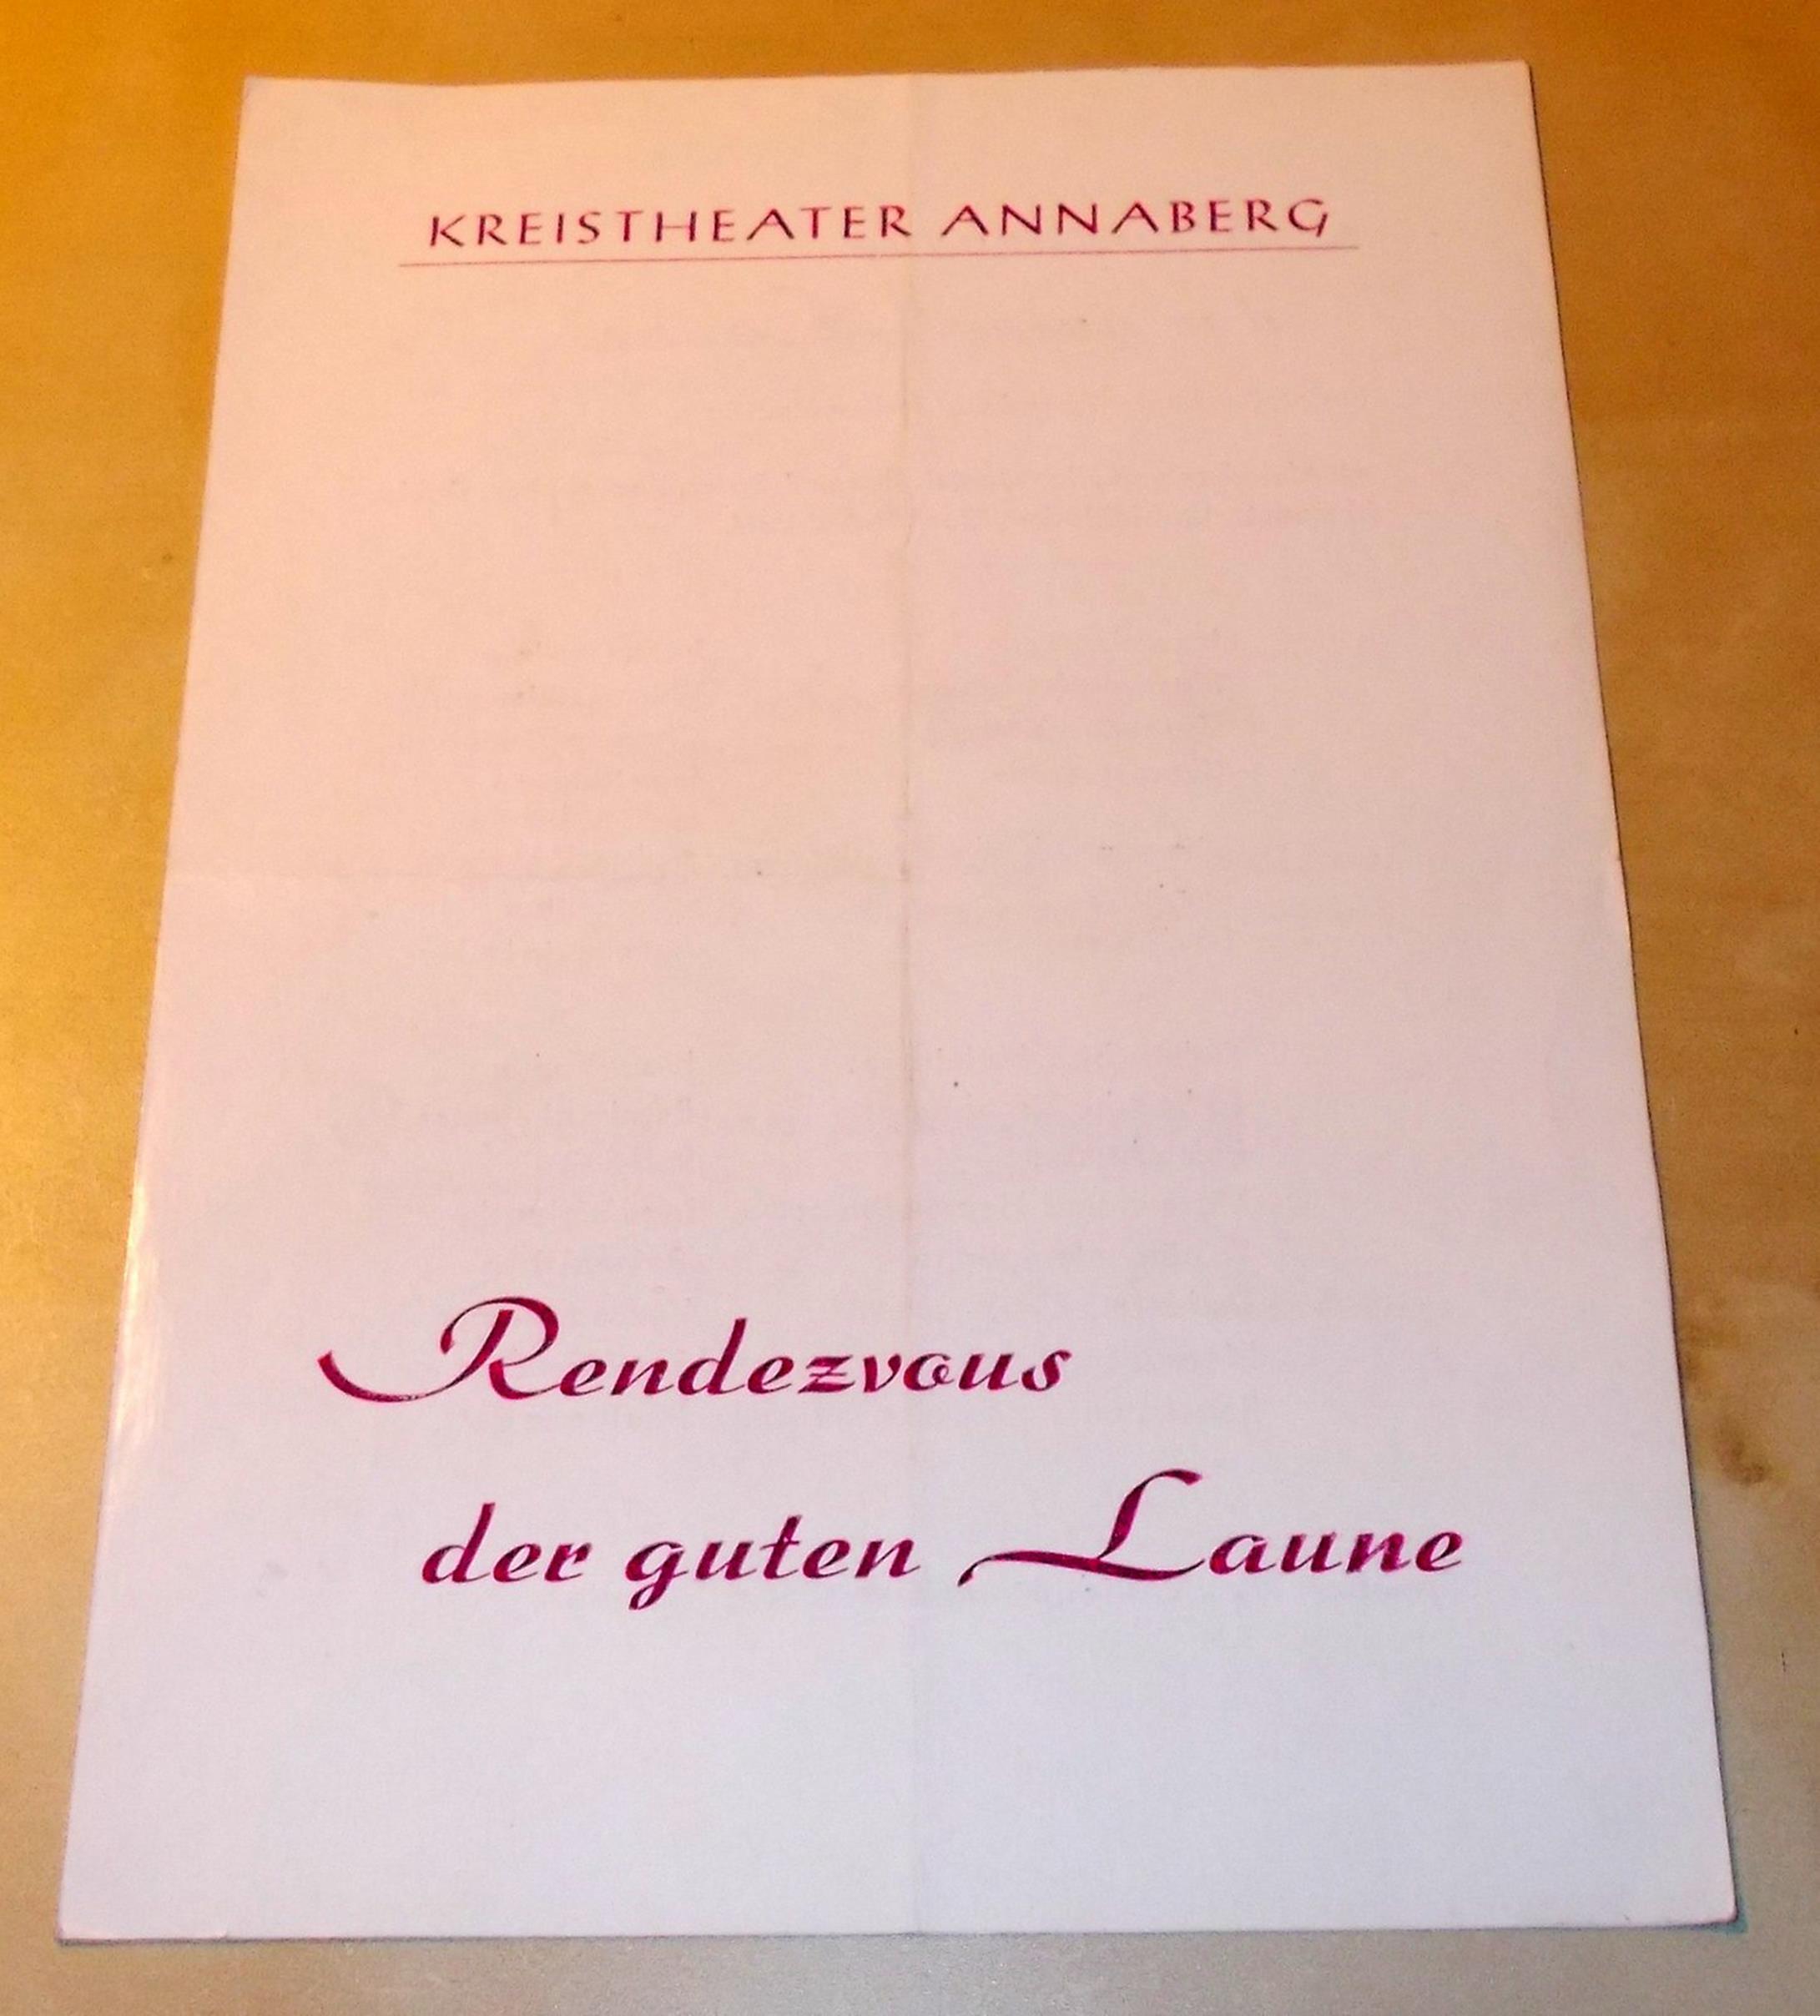 Programmheft Rendezvous der guten Laune. Spielzeit 1974 / 75 Heft 10 Kreitheater